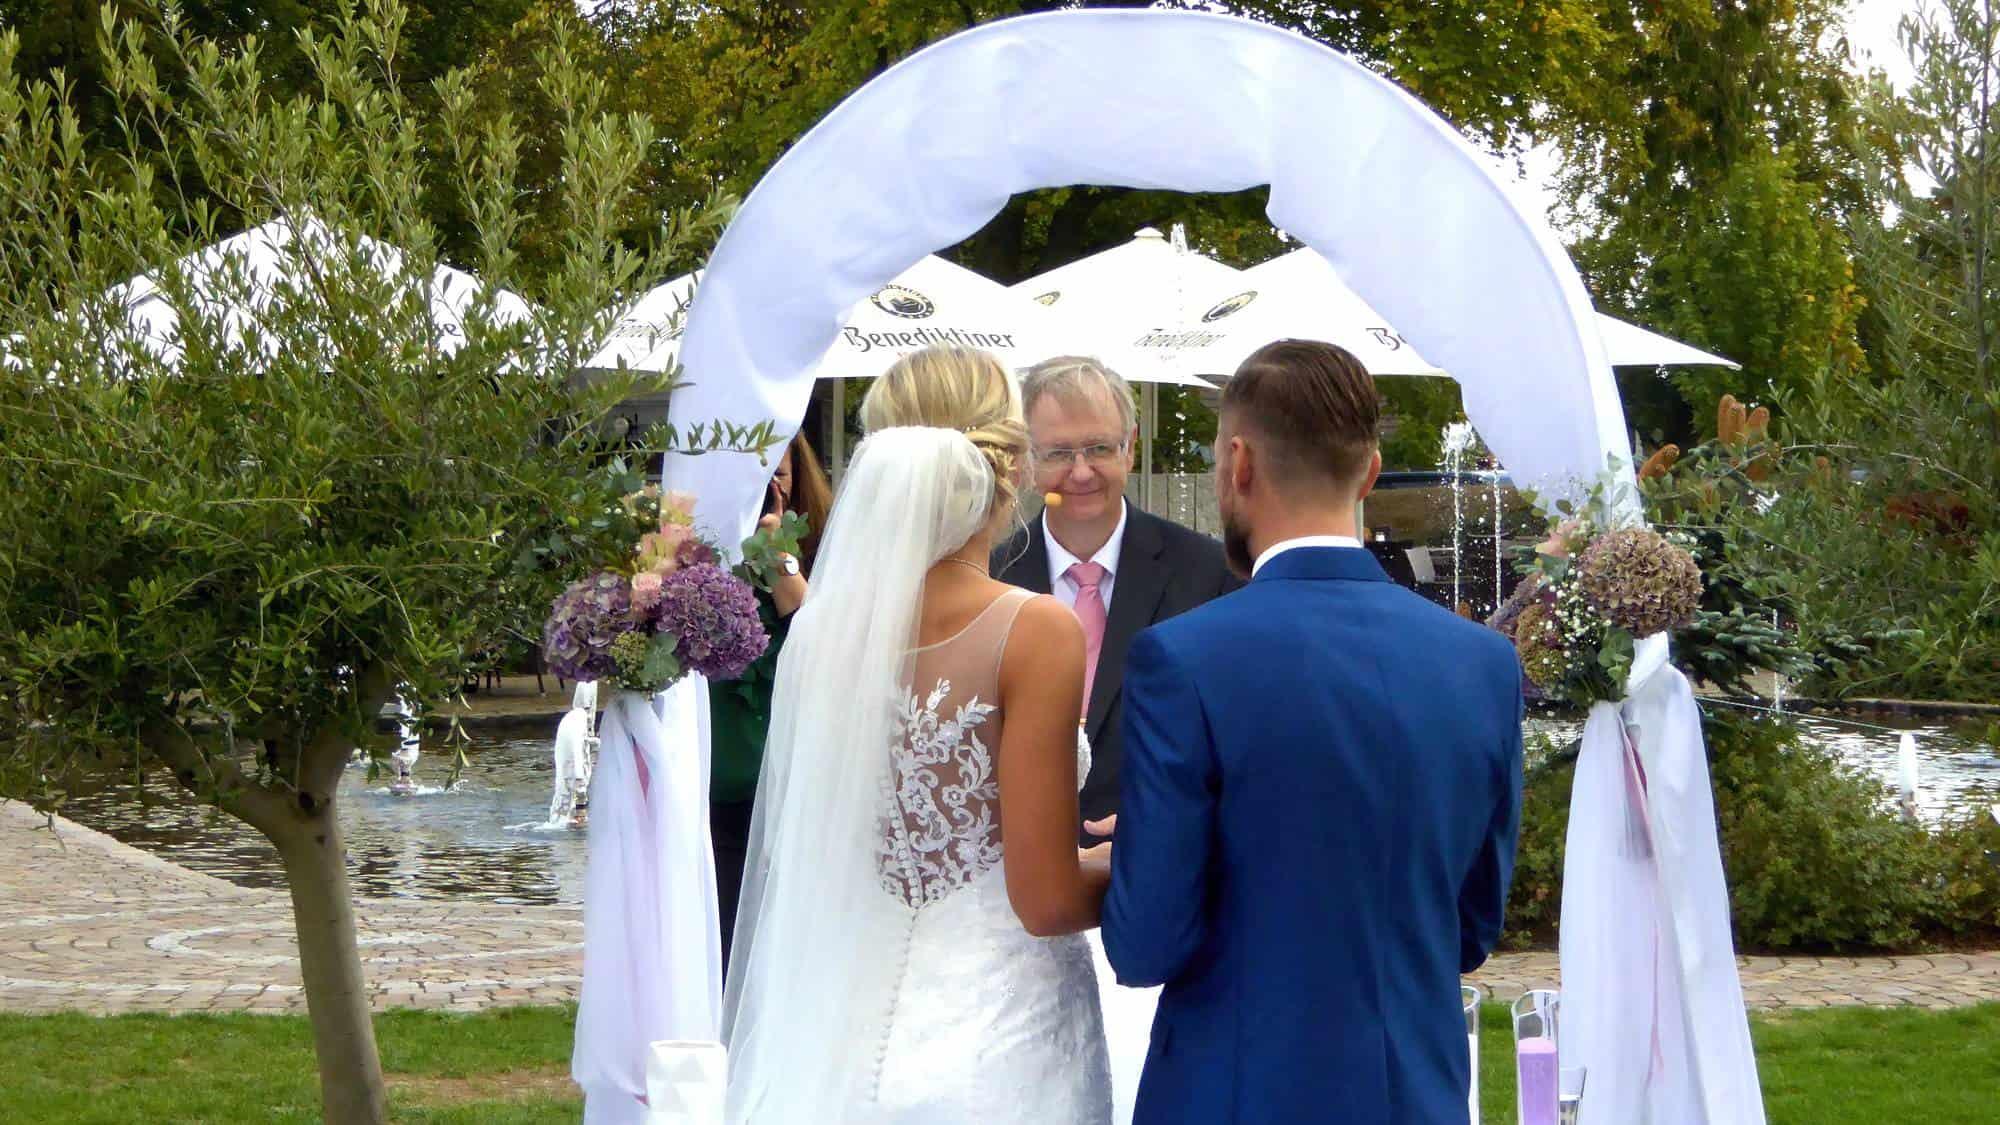 Begrüßung des Brautpaars bei der freien Trauung